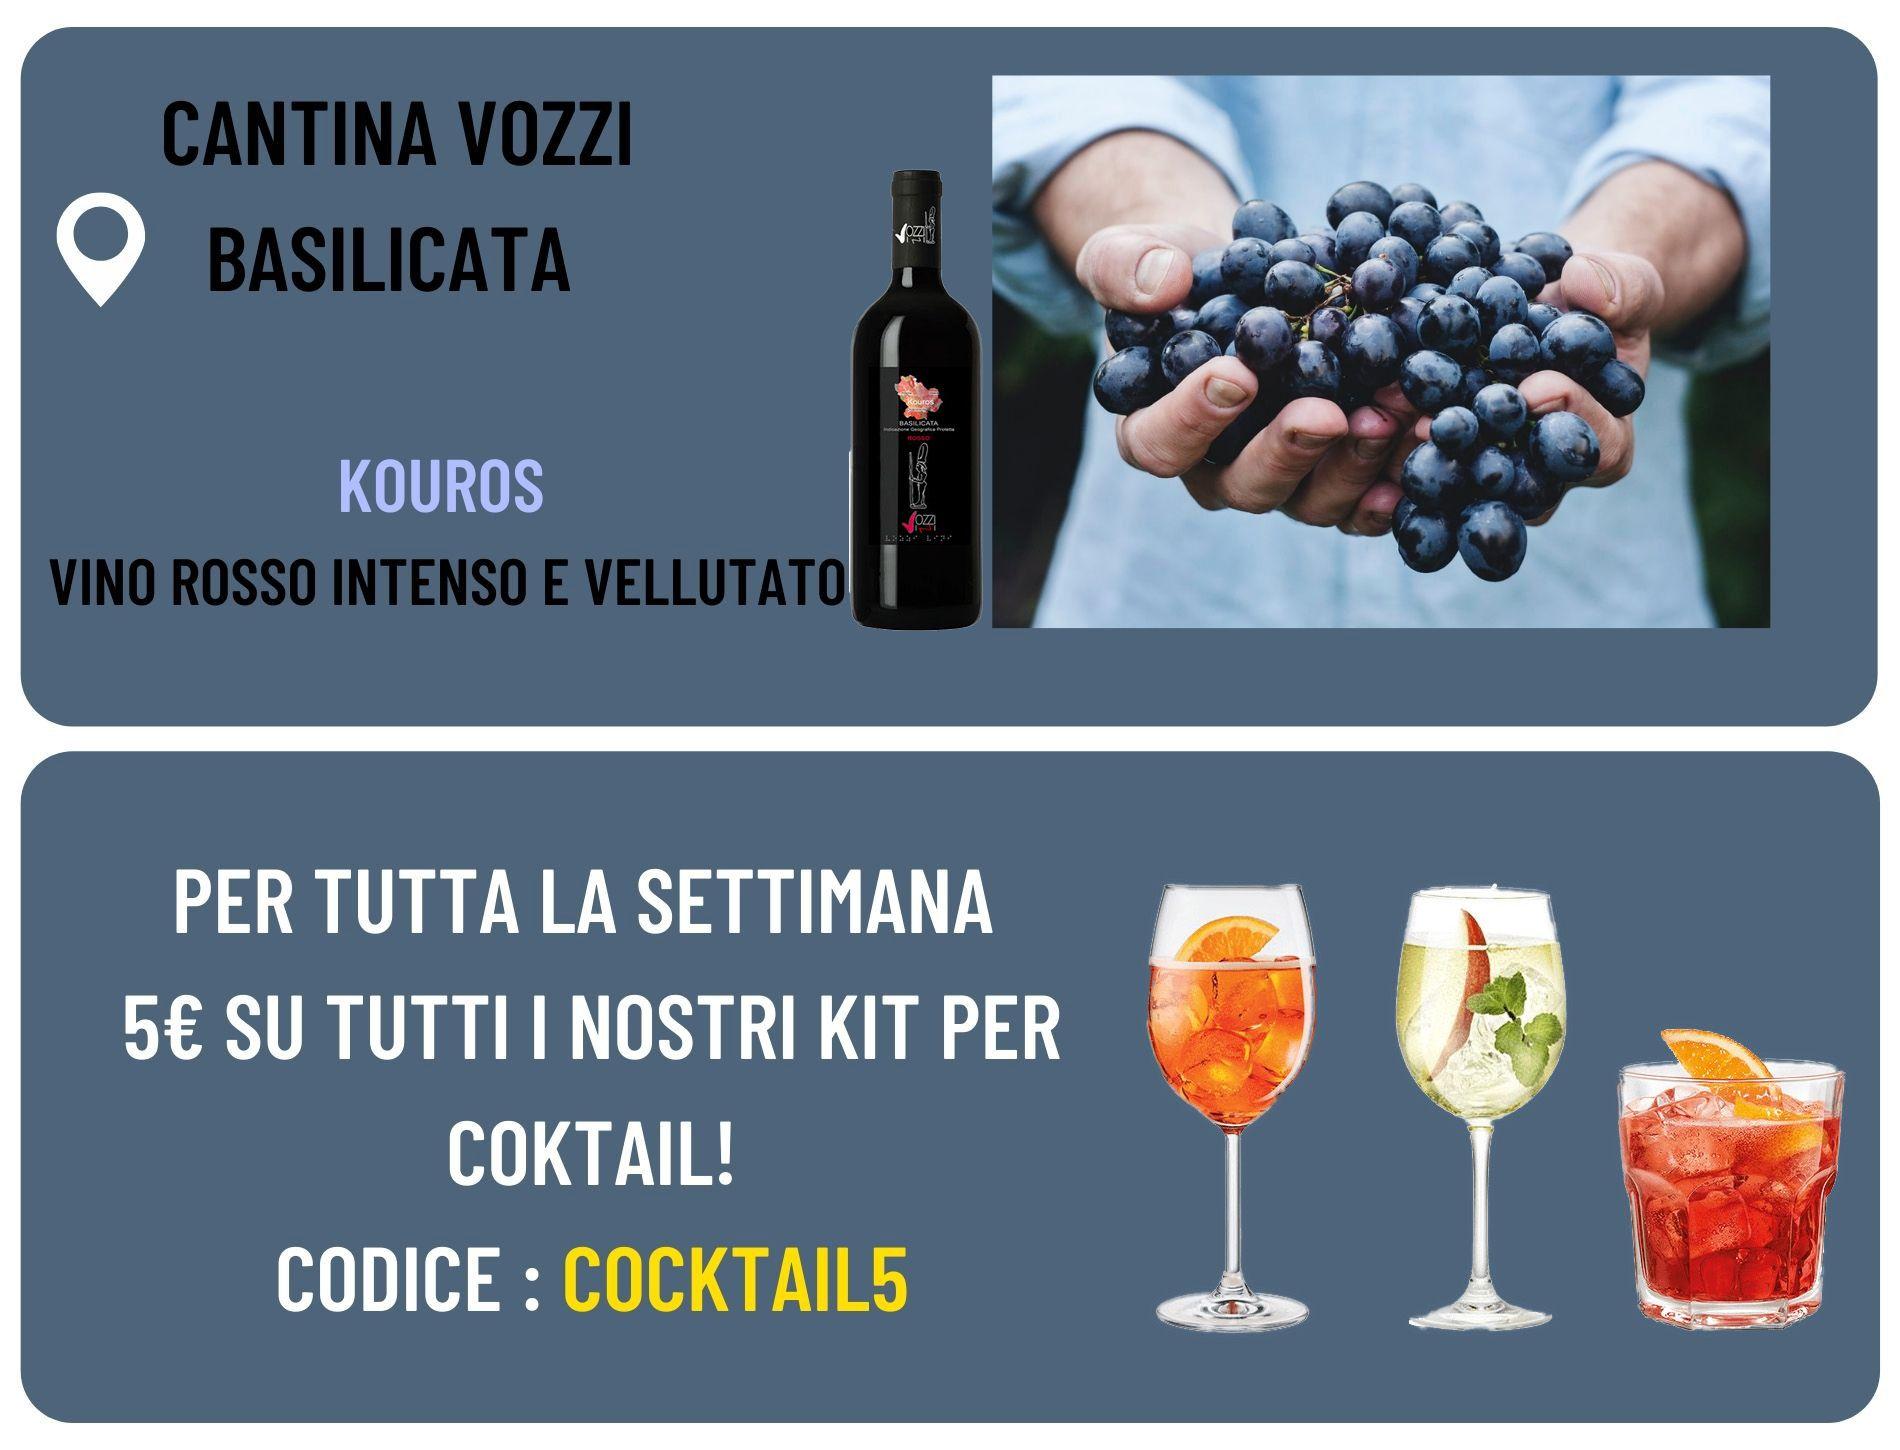 https://www.bevandeadomicilio.com/135-ricette-cocktails#/